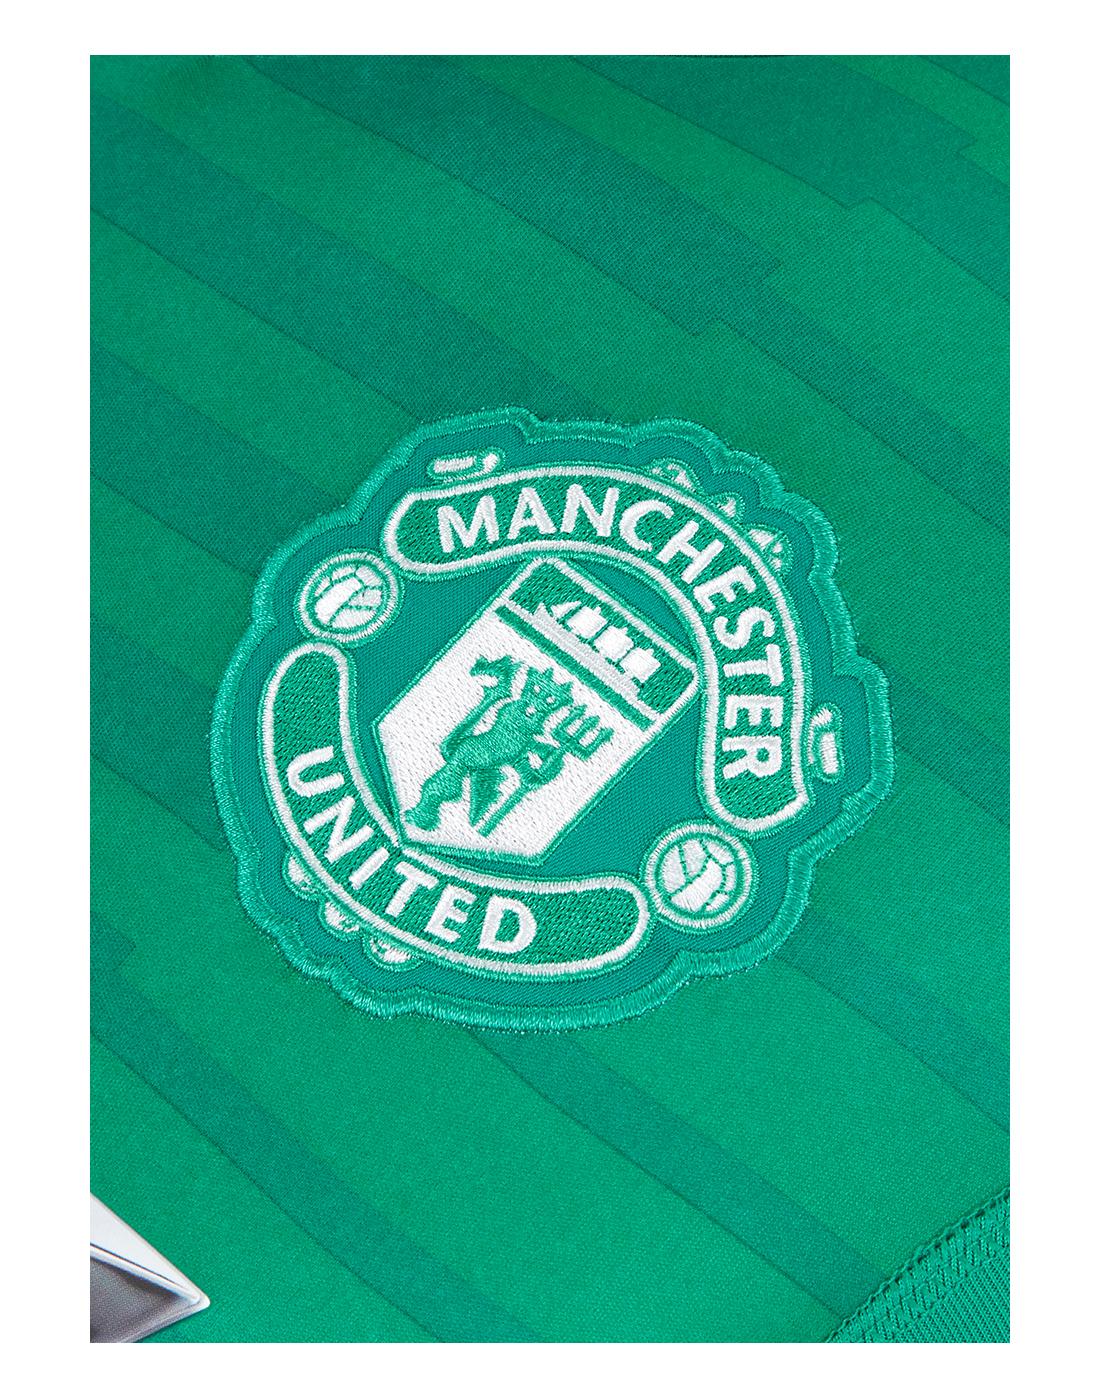 d14847dacf5 Man United 18 19 Goalkeeper Home Jersey